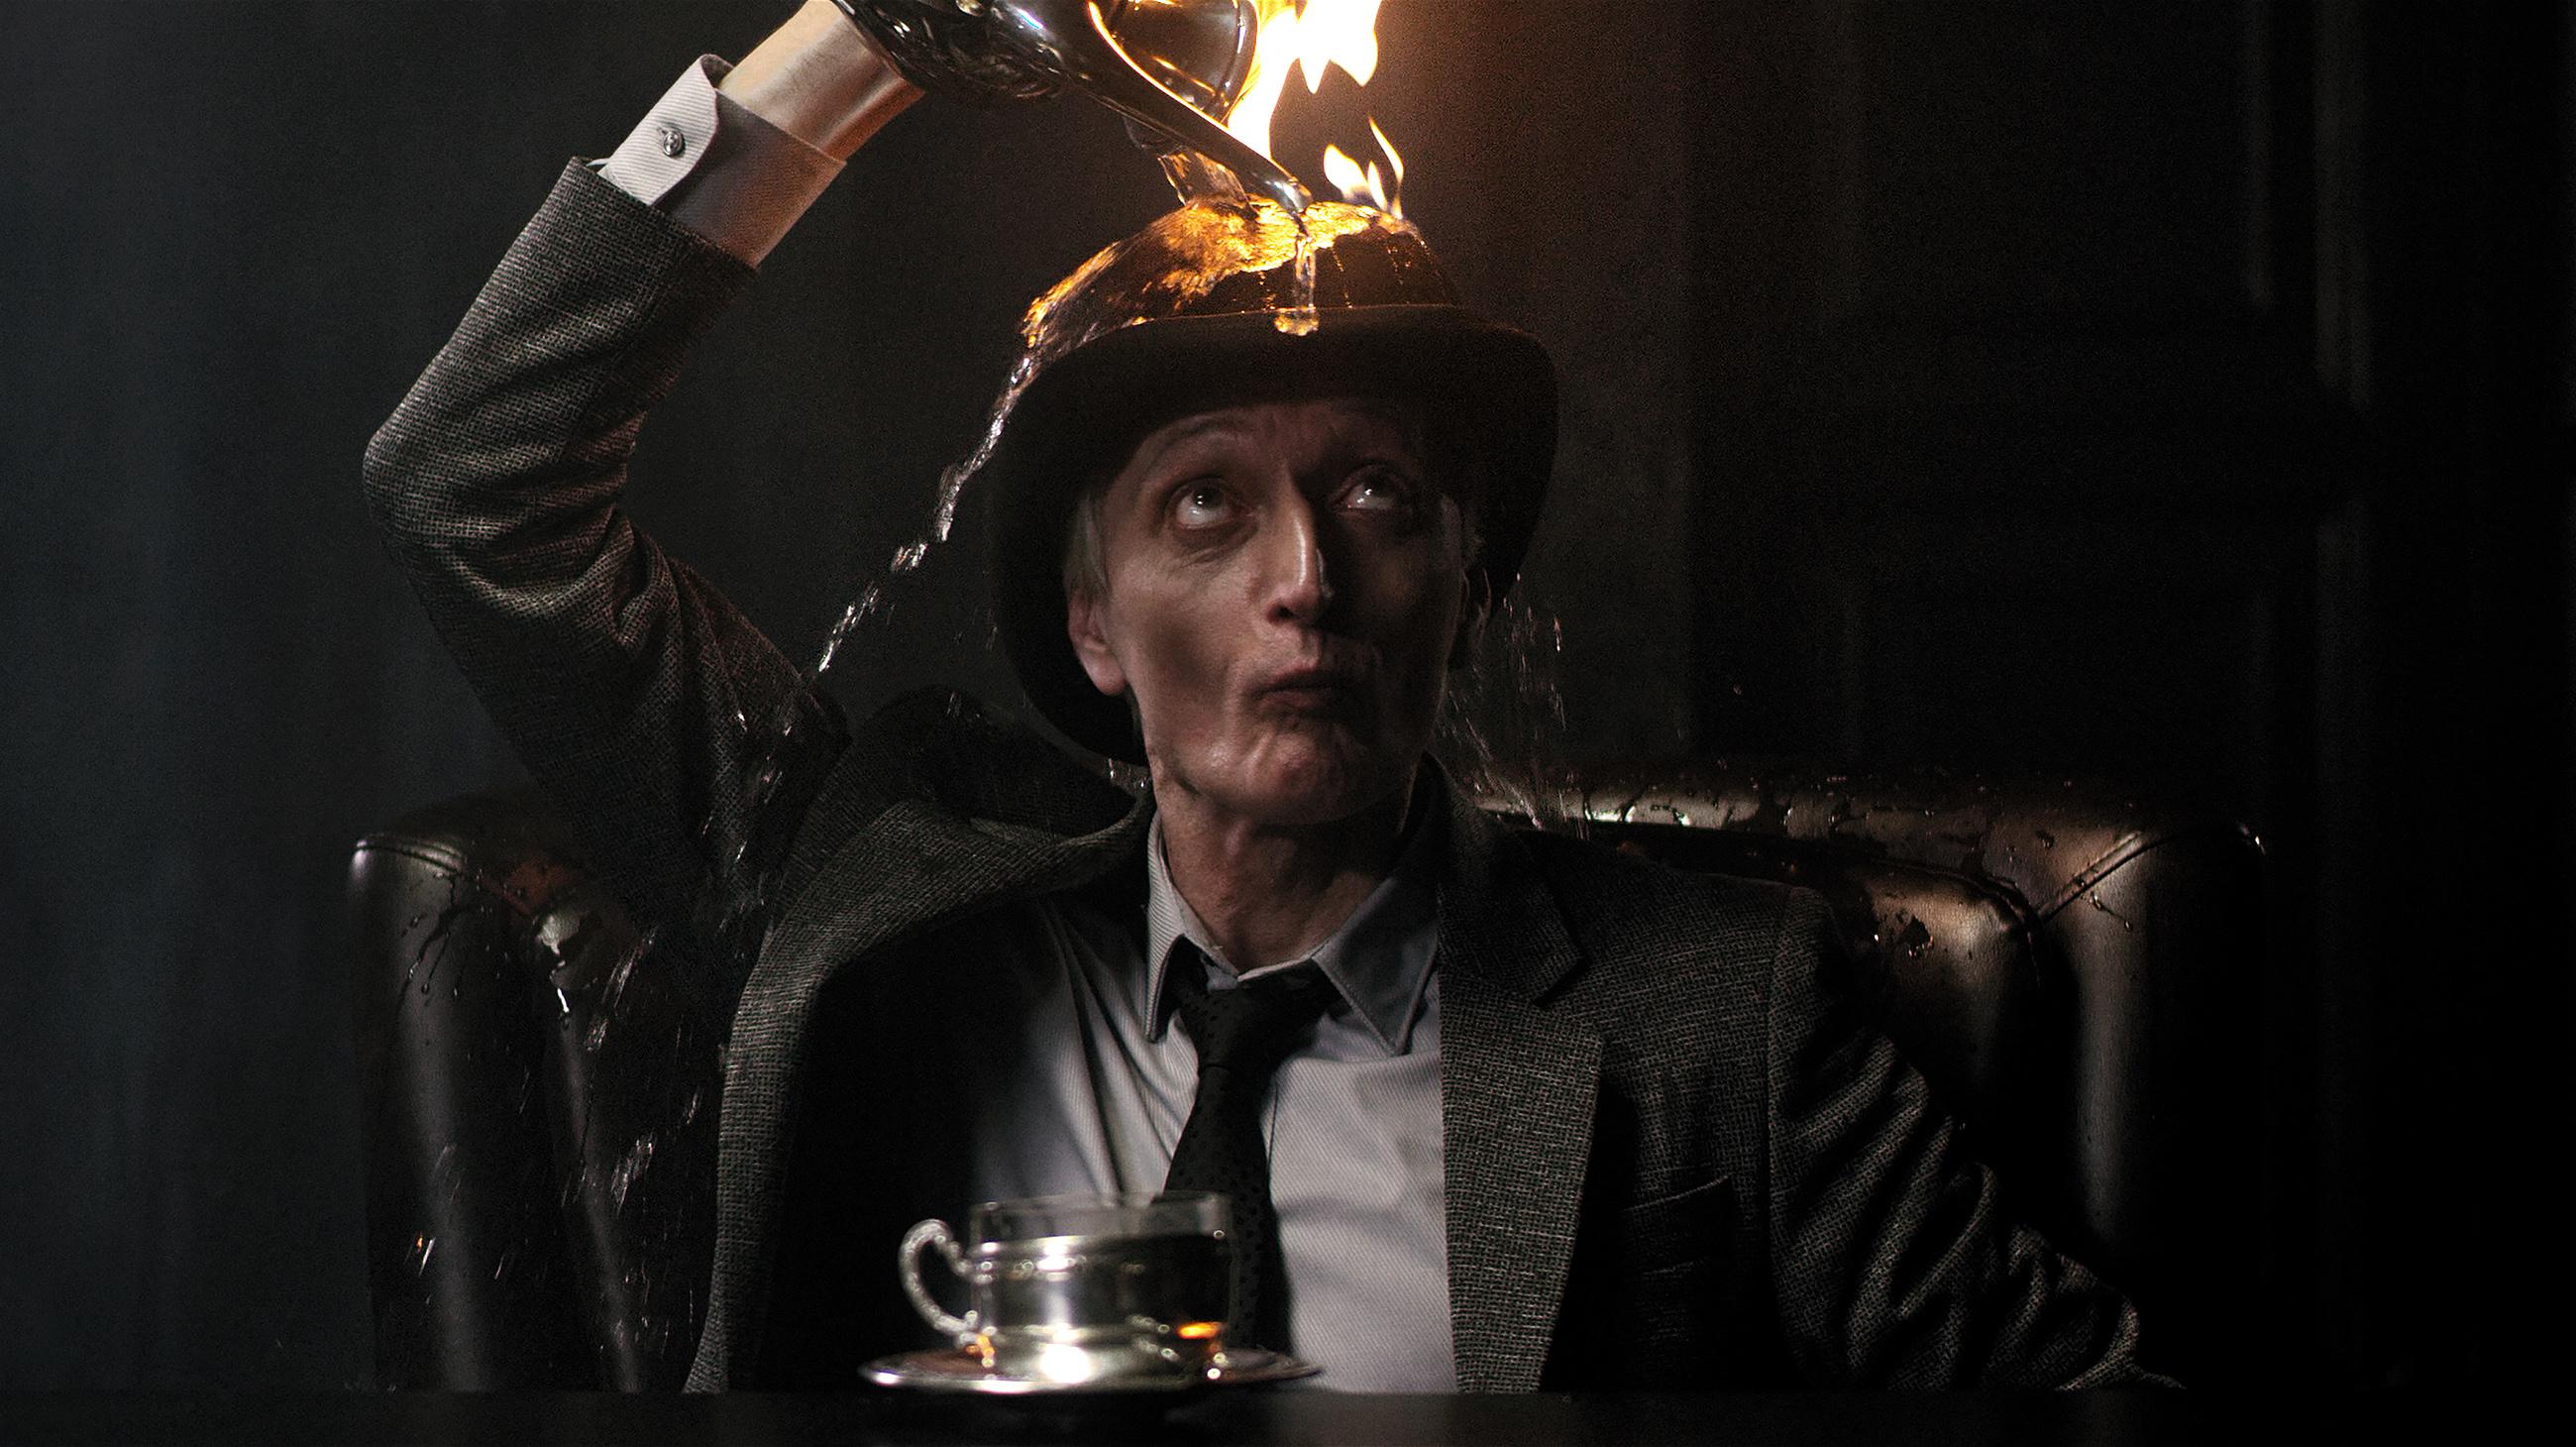 Мужчина в костюме с горящим котелком в имиджевом ролике